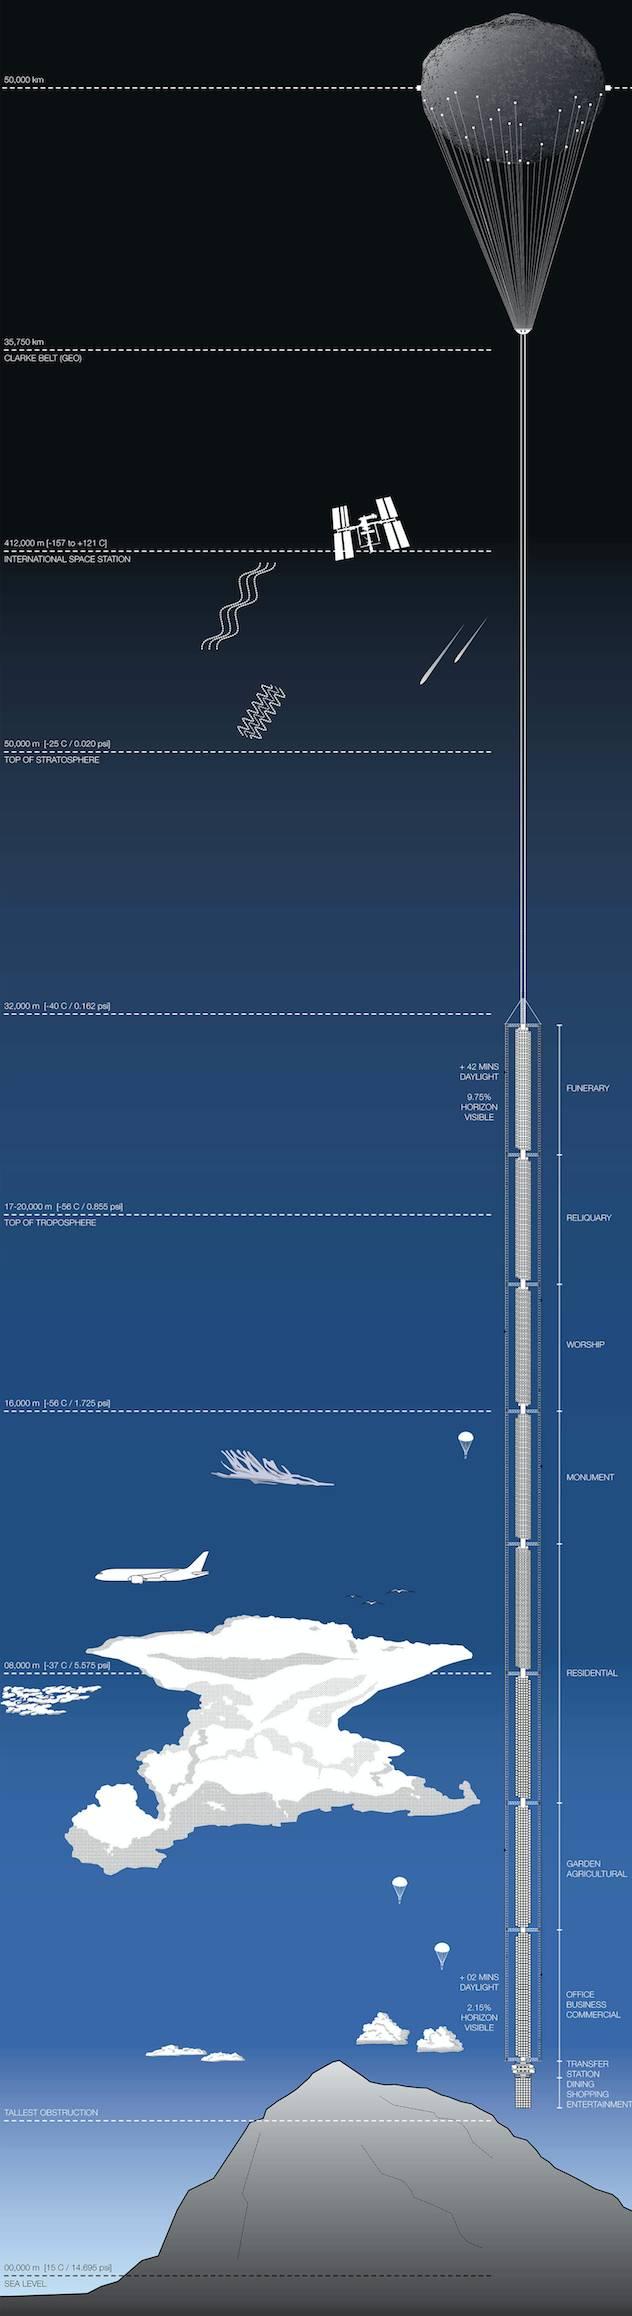 5万米高的建筑从天而降?!已有详细设计方案,施工能否实现全靠_5